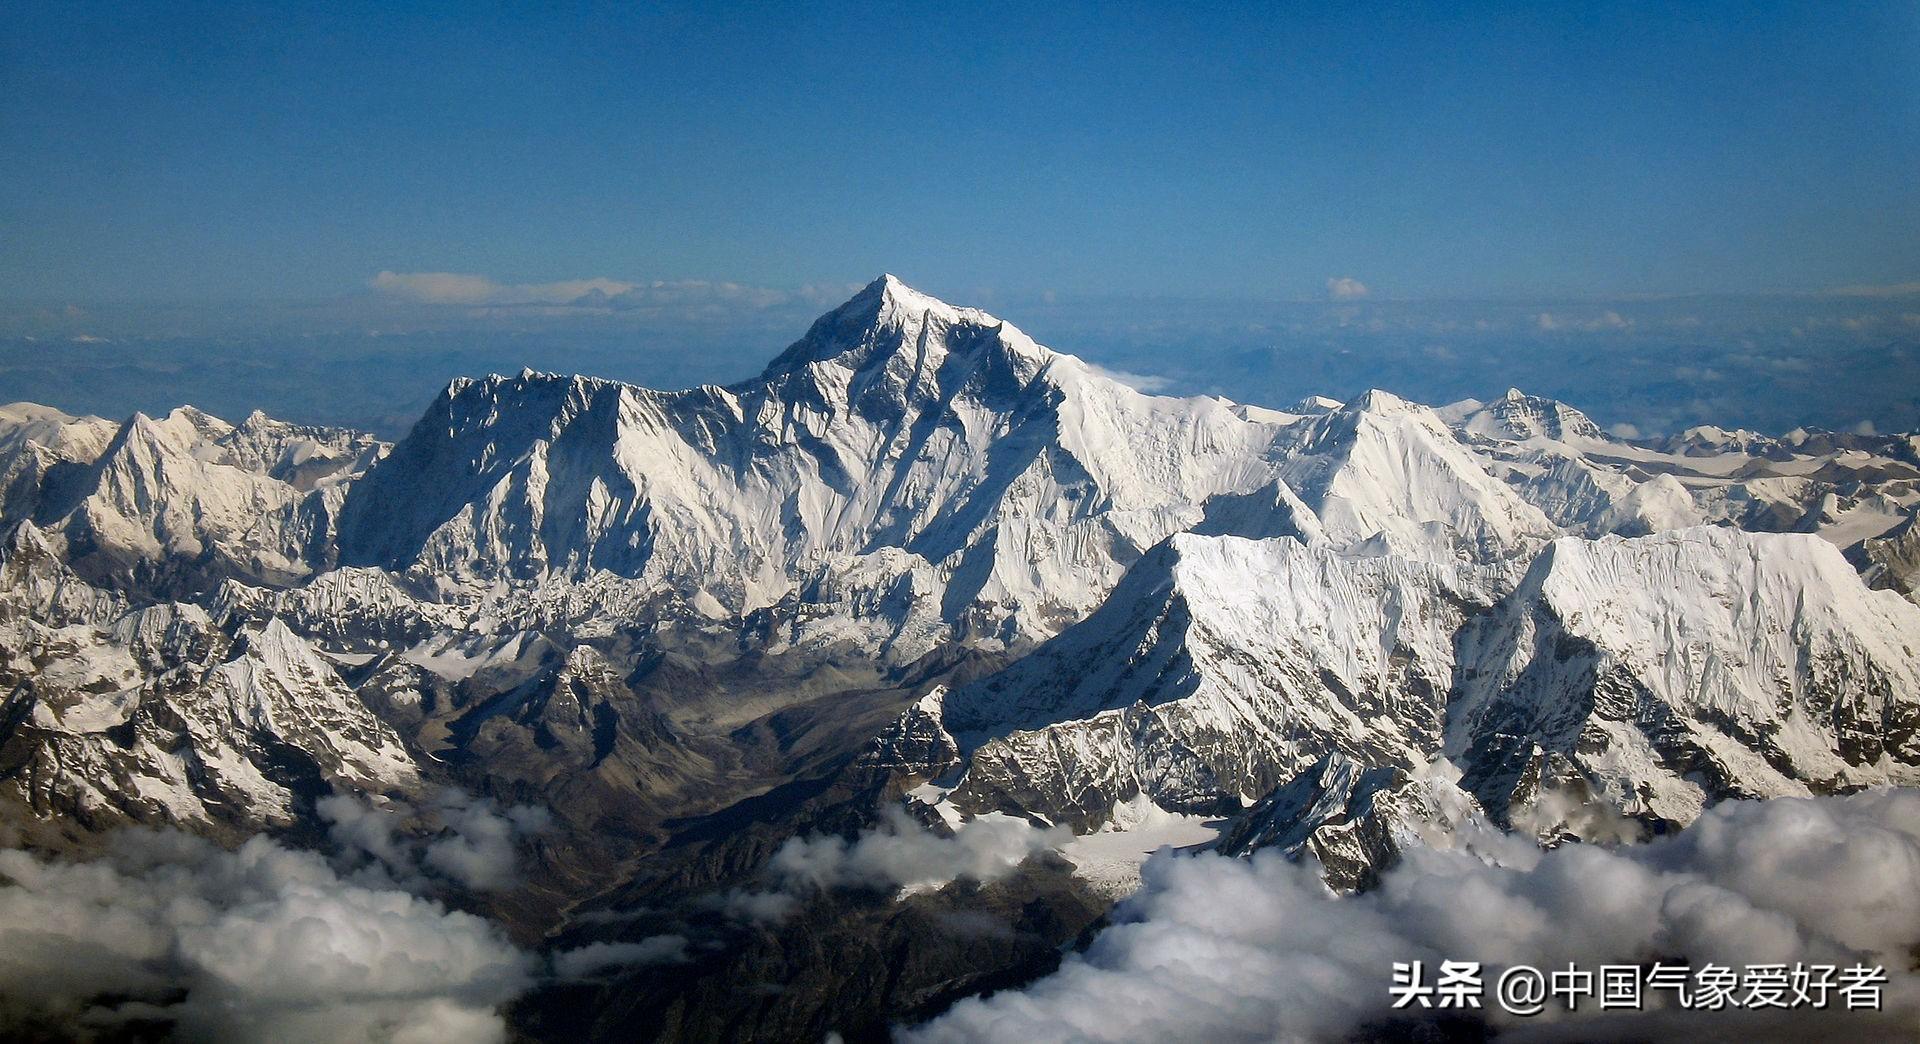 8848.86米,珠穆朗玛峰又长高了!网友:和全球变暖有关?